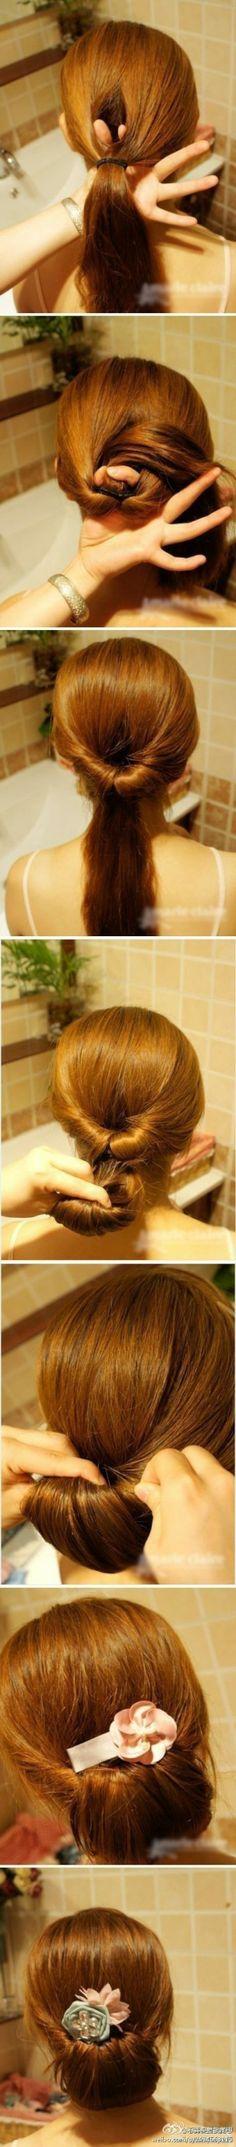 Çiçekli topuz saç model